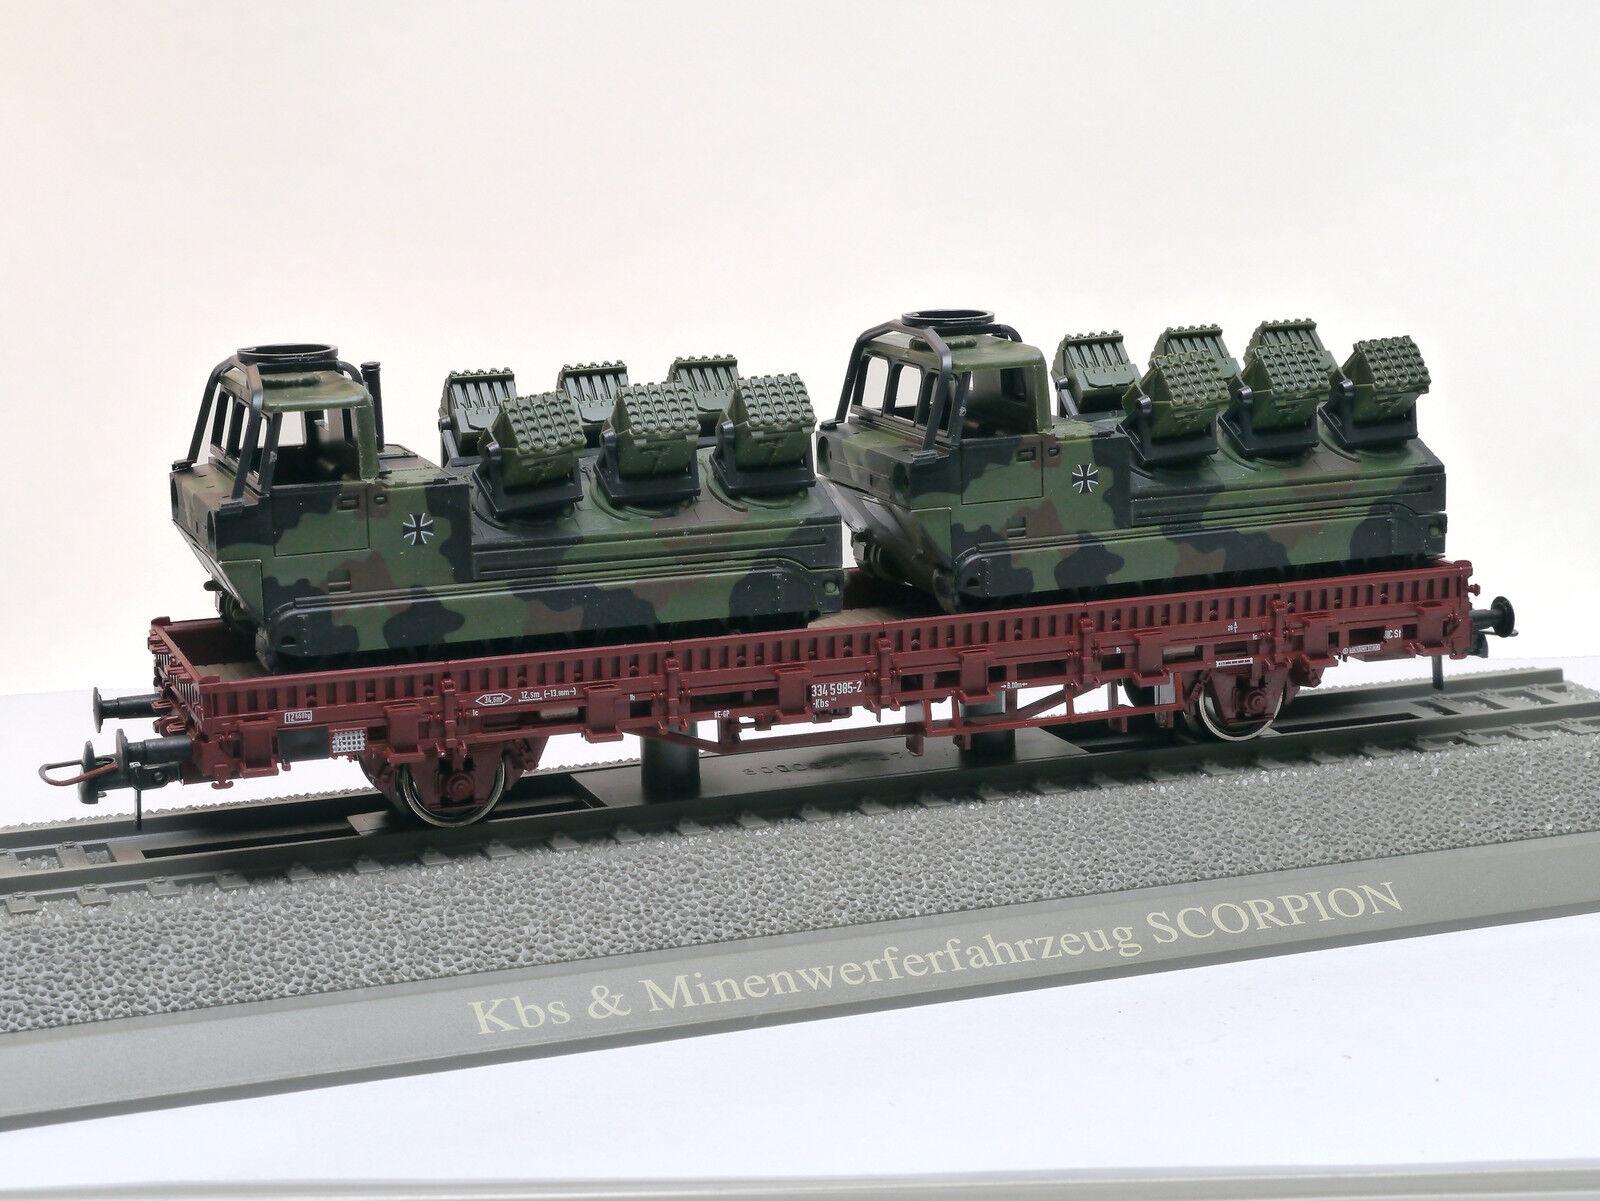 descuento de bajo precio Roco 884 KBS rungenwagen con 2 Scorpion minenwerfern Bundeswehr [G] [G] [G]  mejor calidad